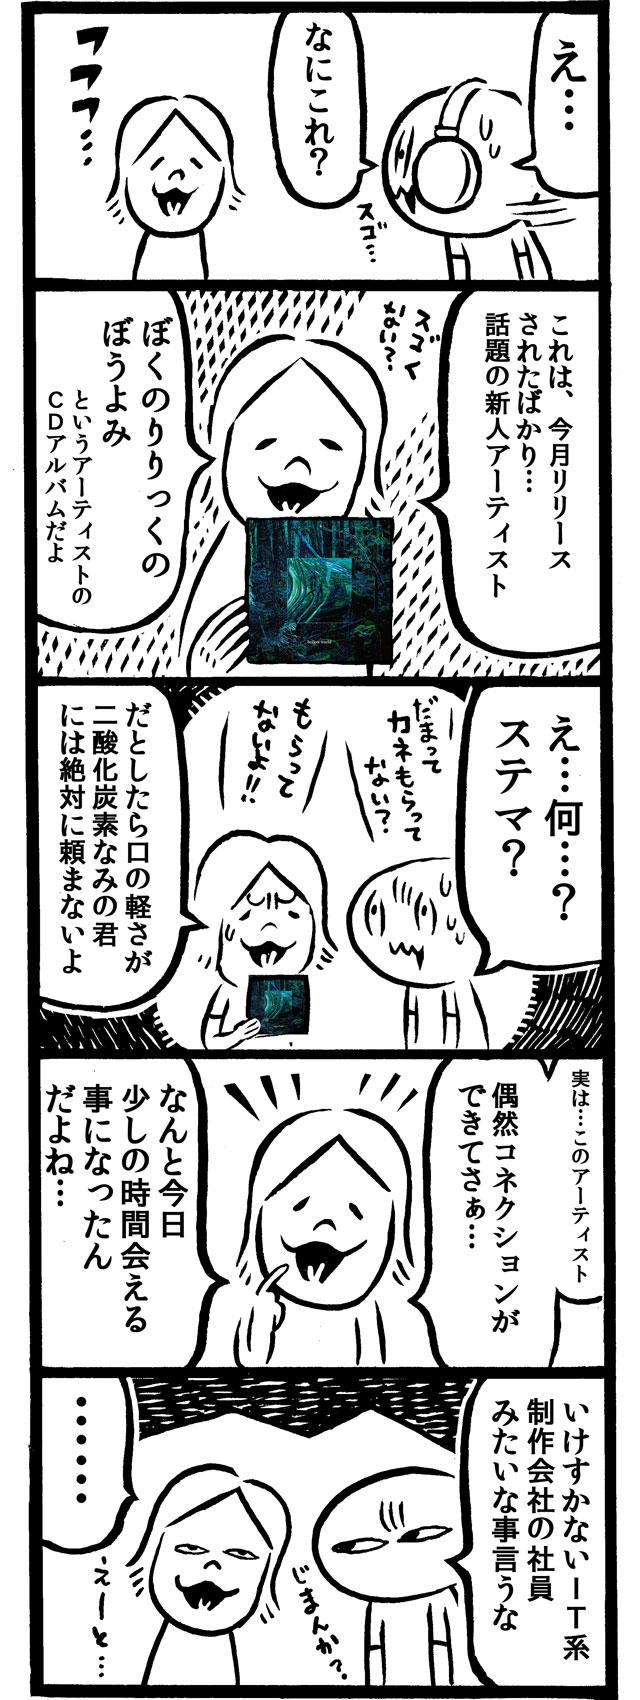 f:id:kakijiro:20151226151654j:plain